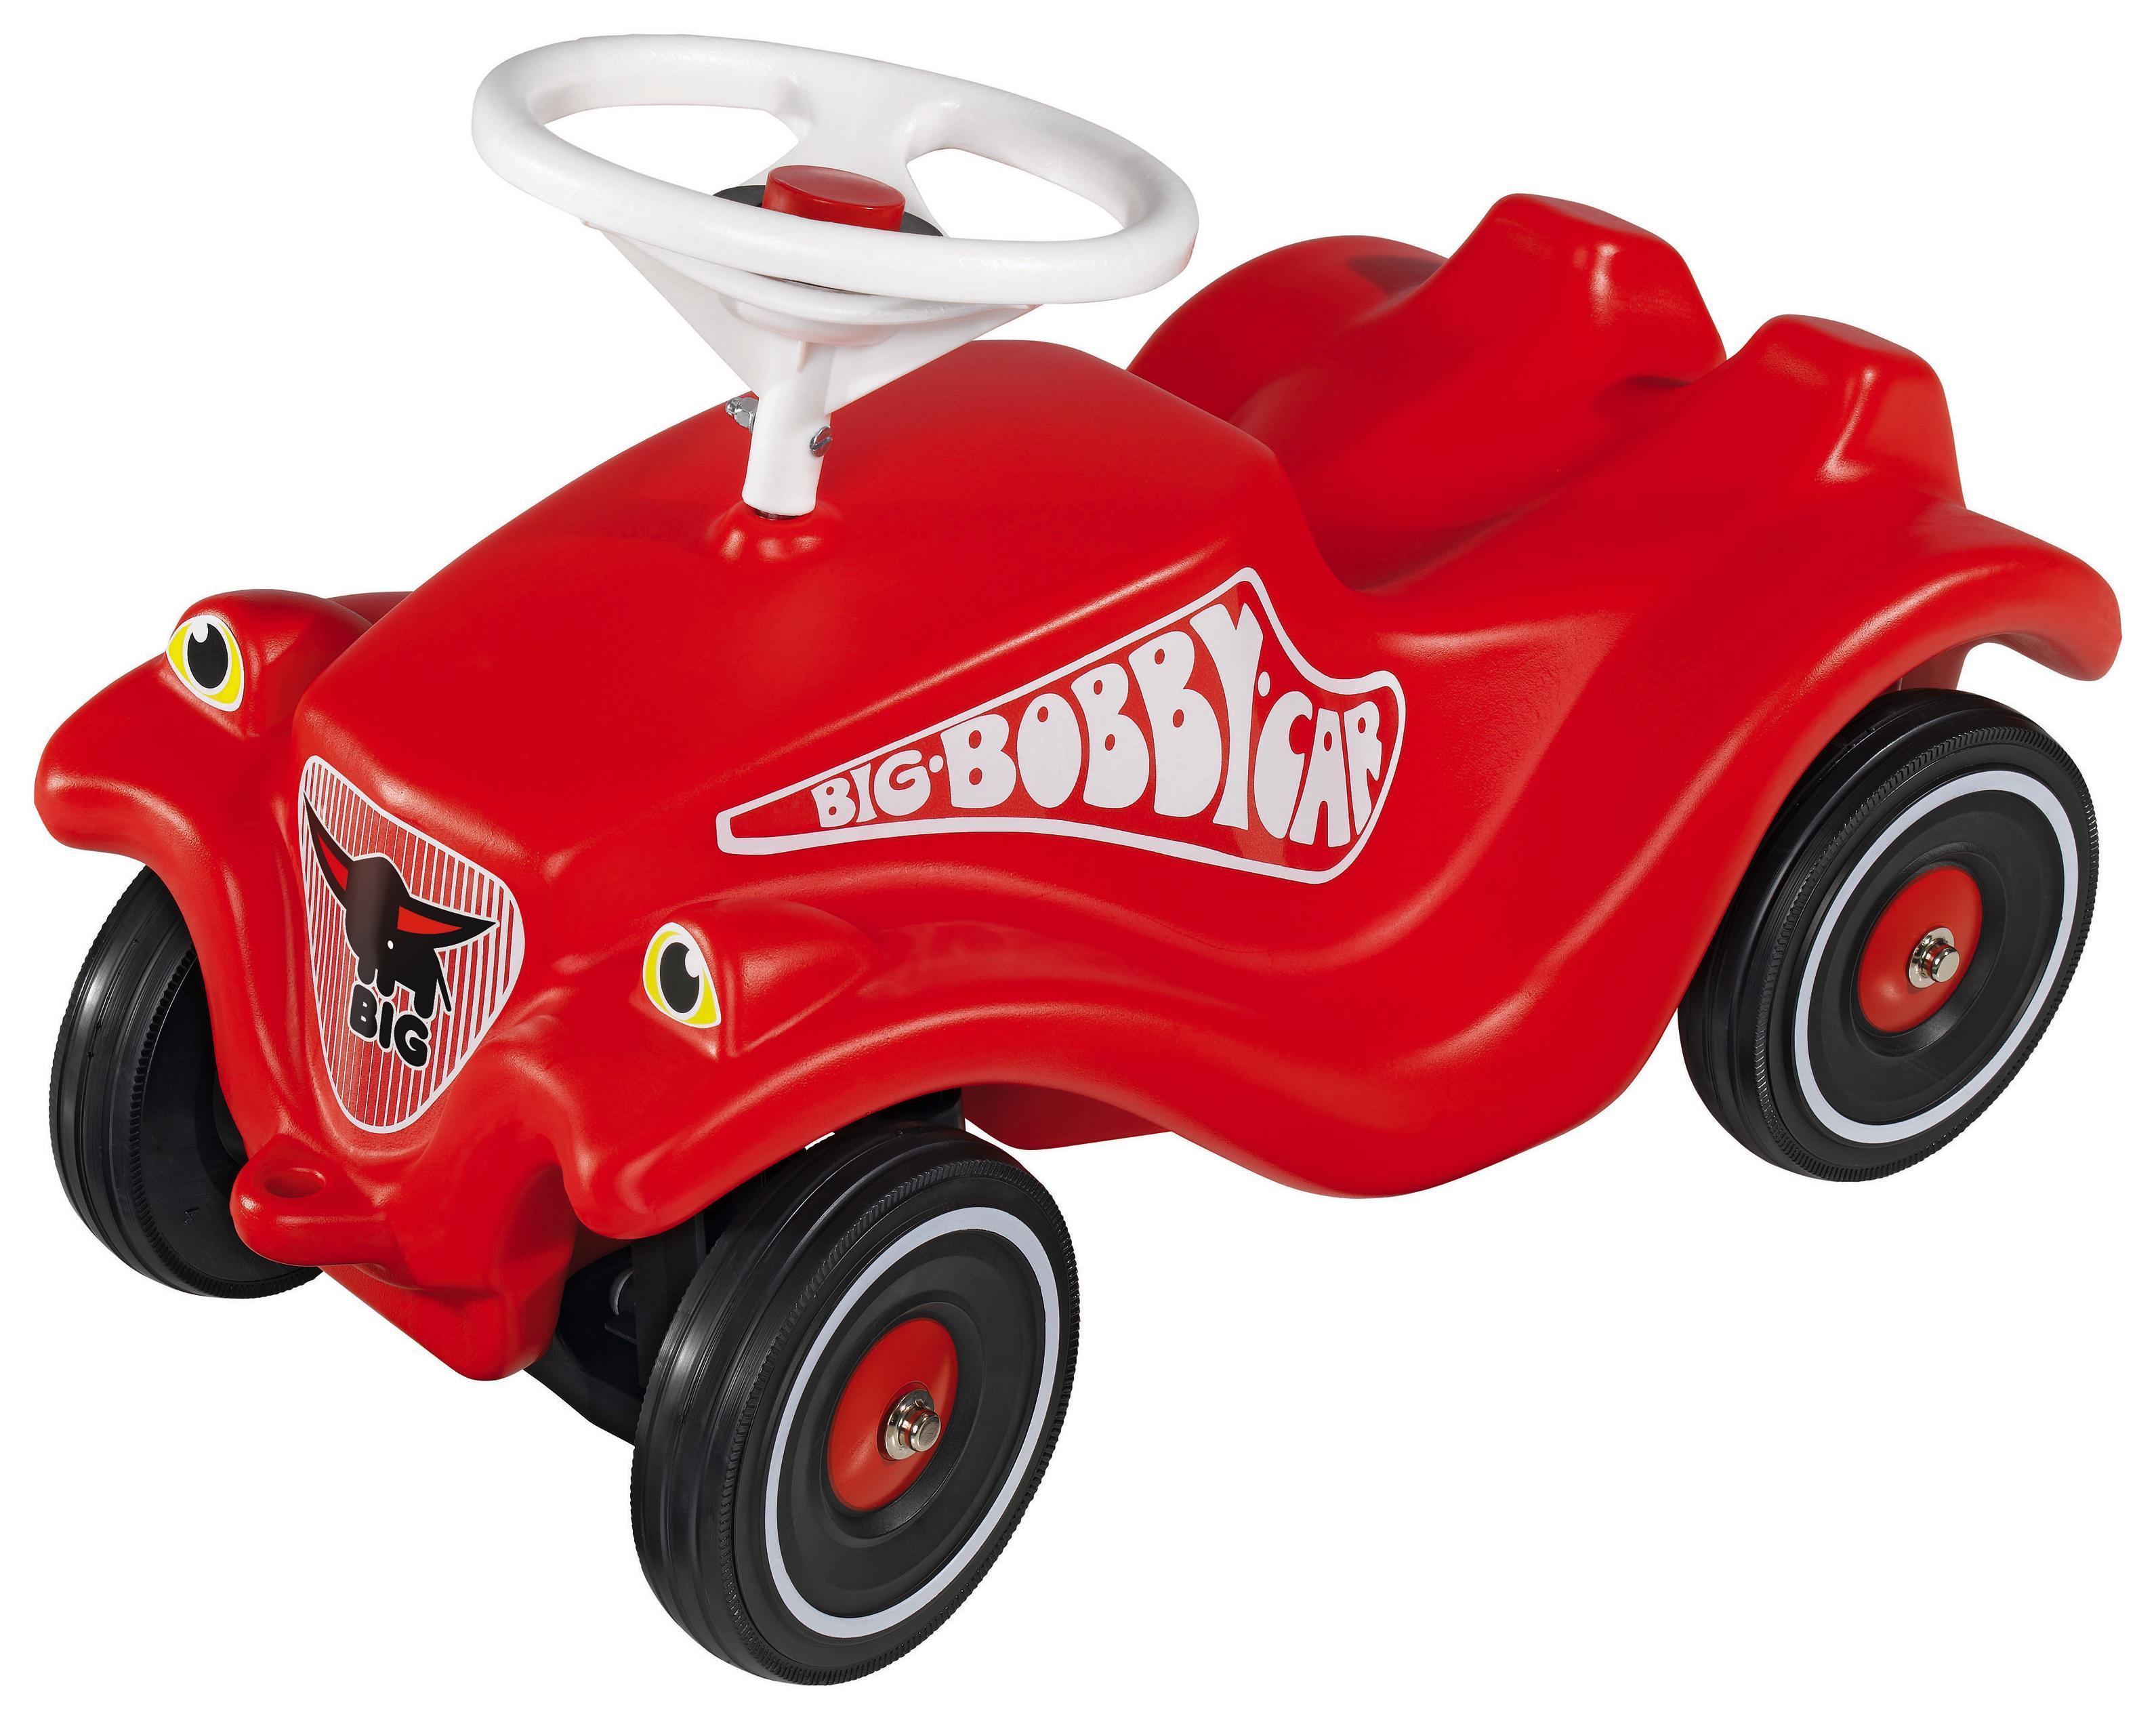 [Möbelix] Big Bobby-Car mit Flüsterrädern und Schuhschutz + 7€ Freebie nach Wahl um 29€